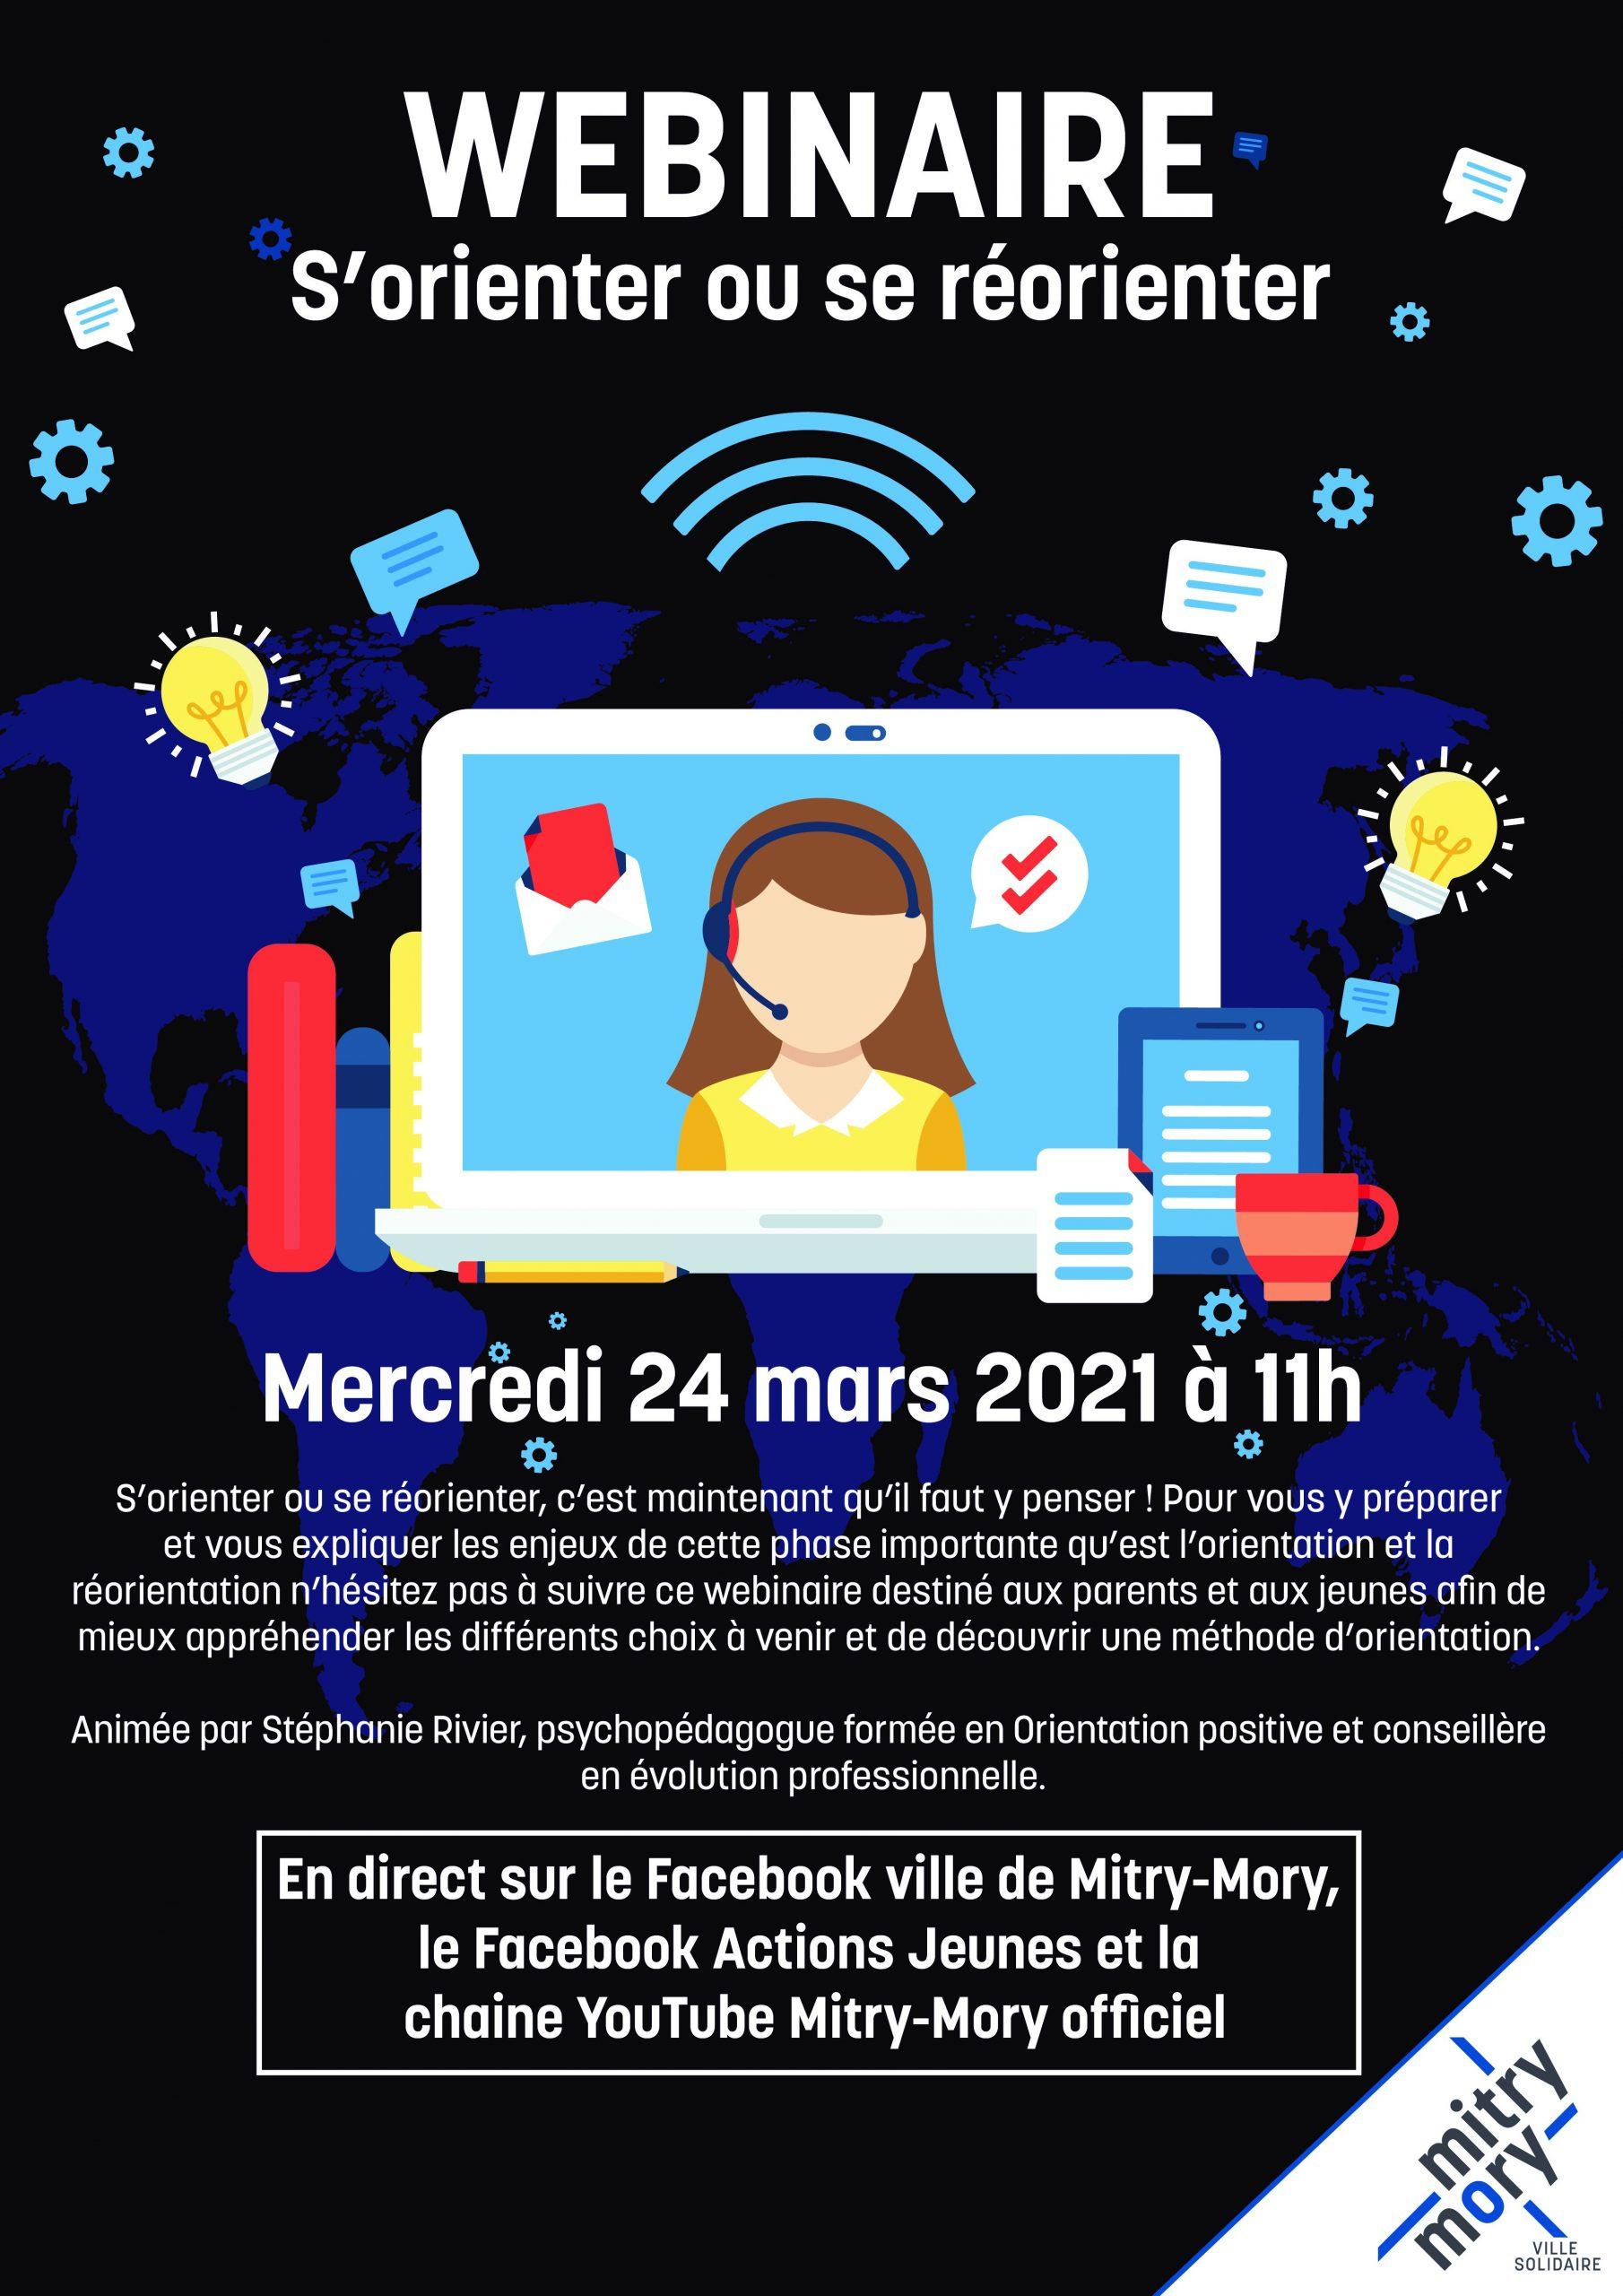 Webinaire s'orienter ou se ré-orienter le 24 mars facebook Mitry Mory